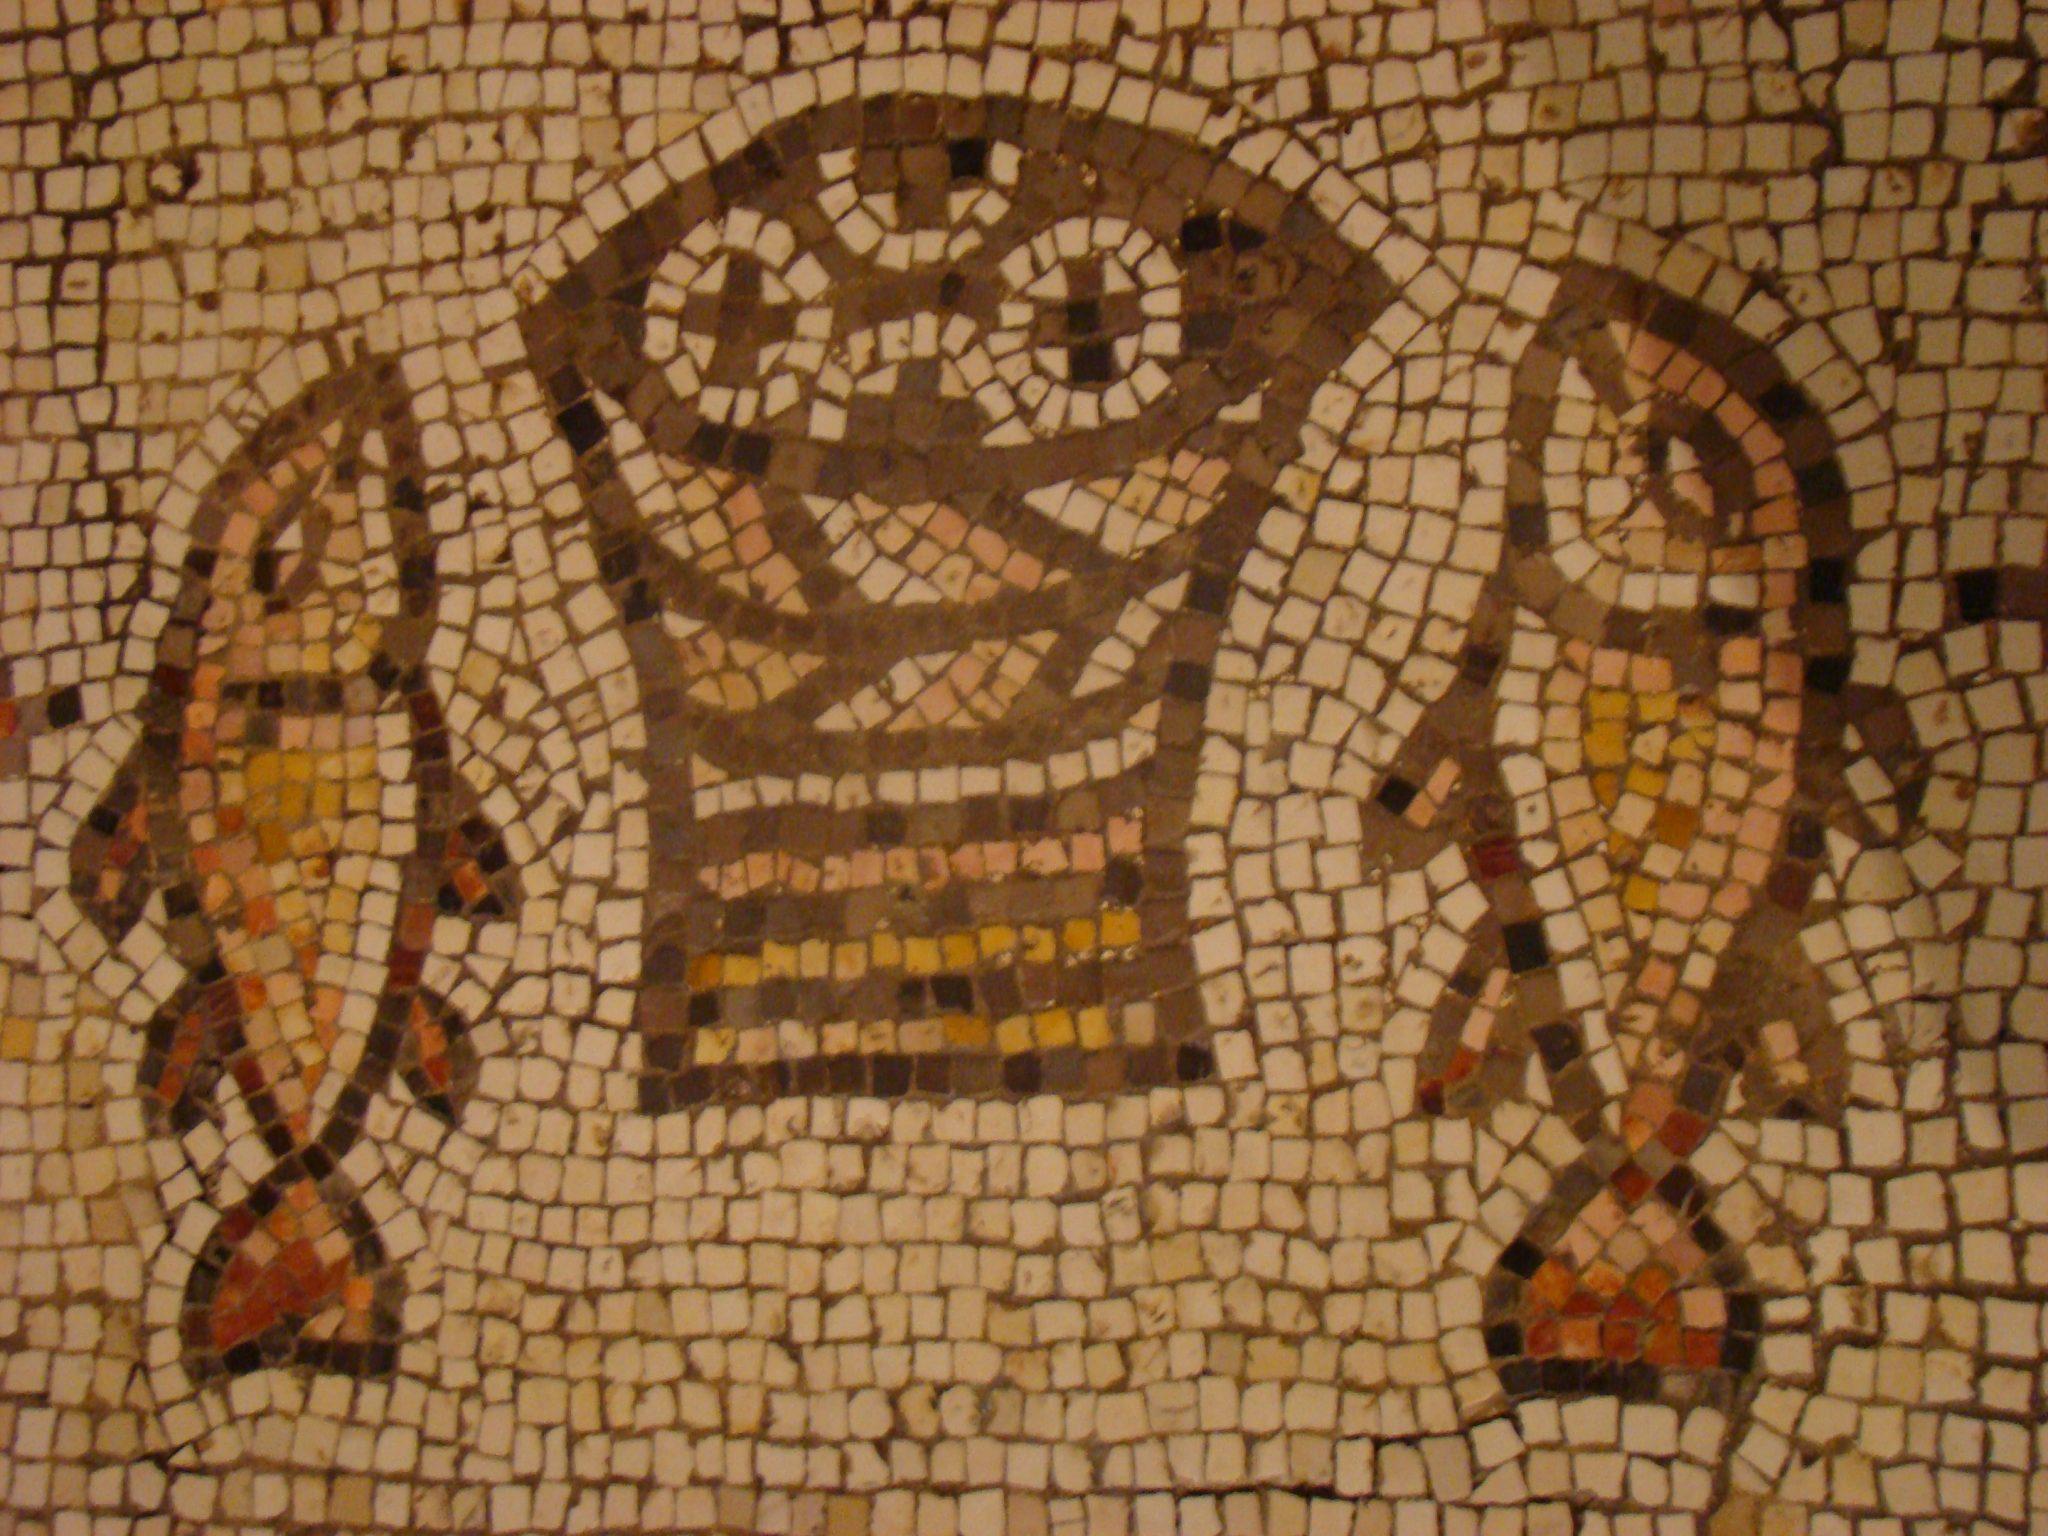 פסיפס כנסייה ביזנטית בטבחה, נס הלחם והדגים